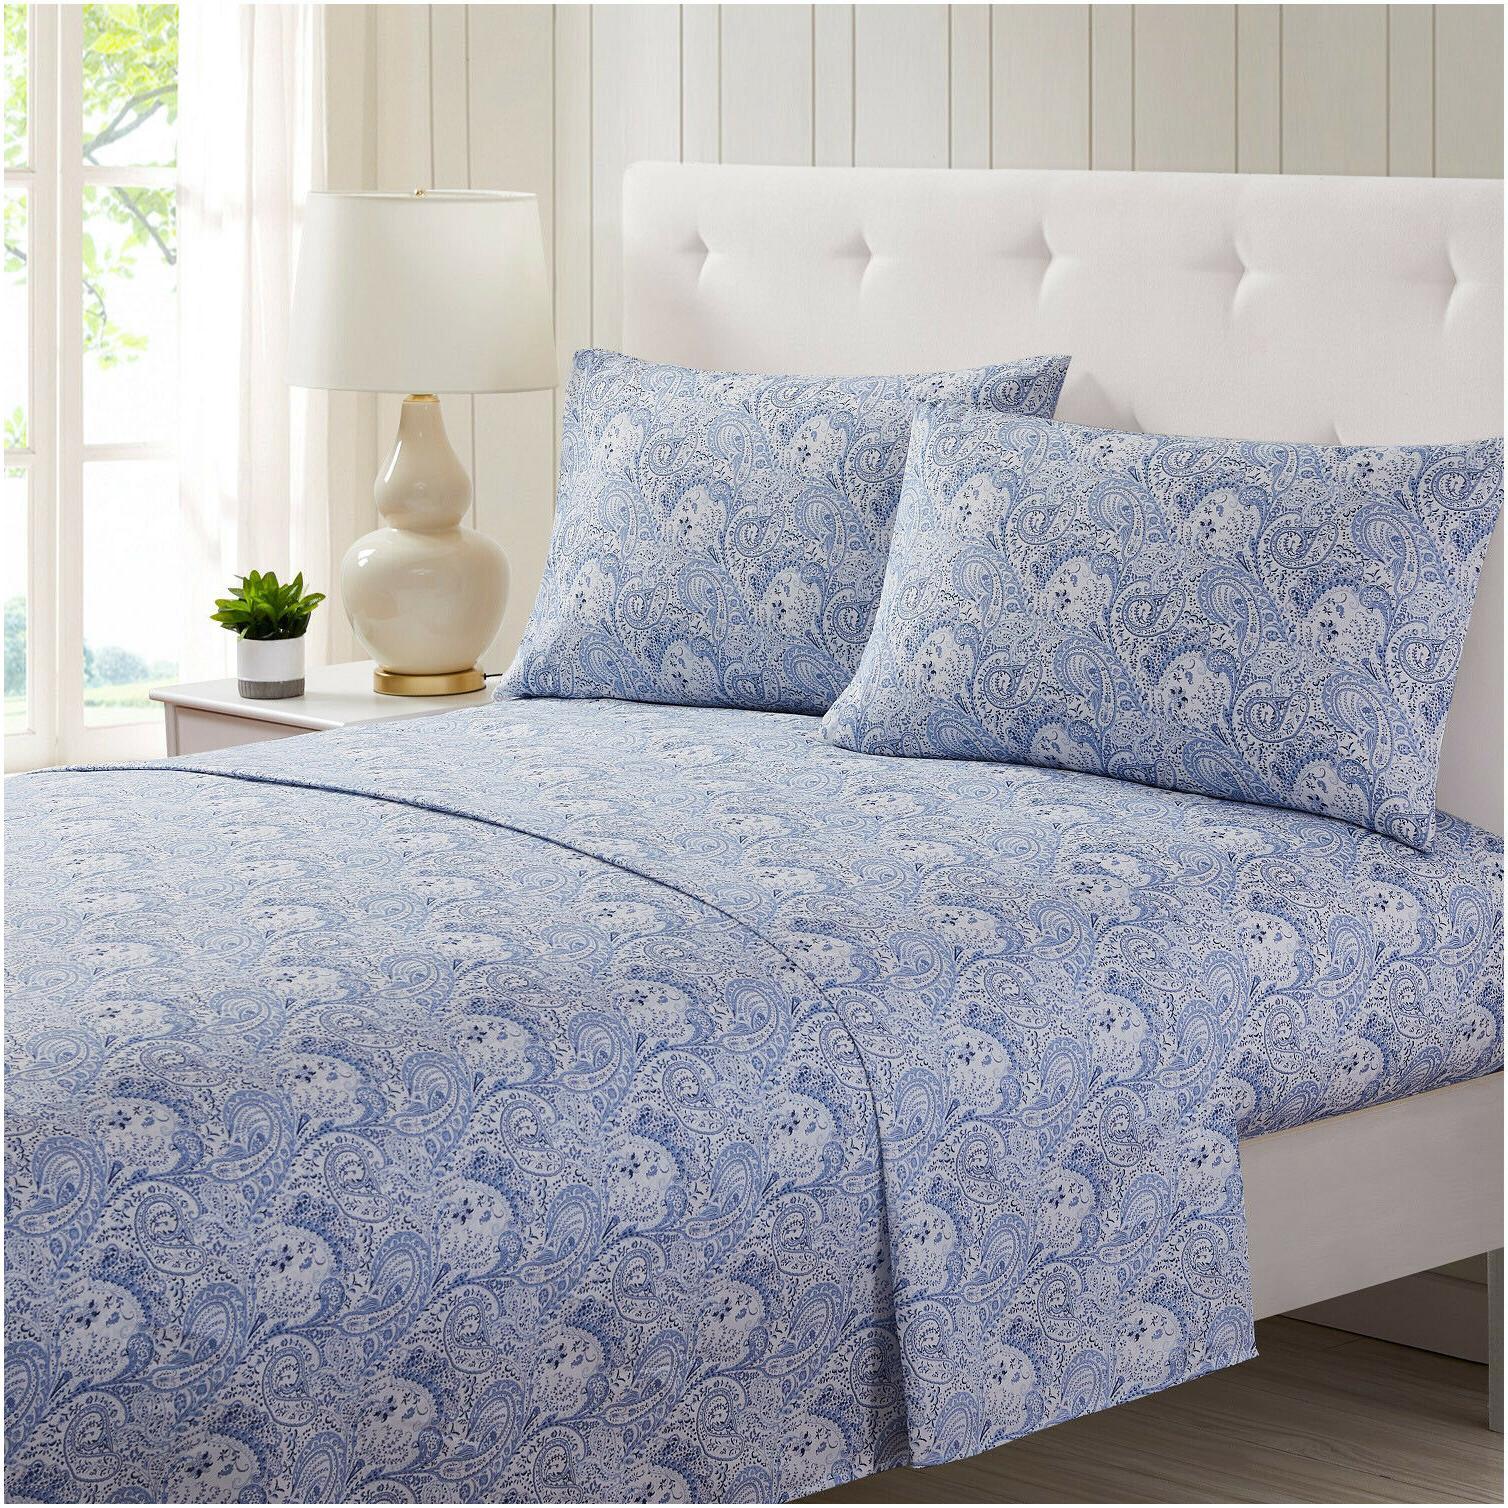 4 piece microfiber bed sheet set deep